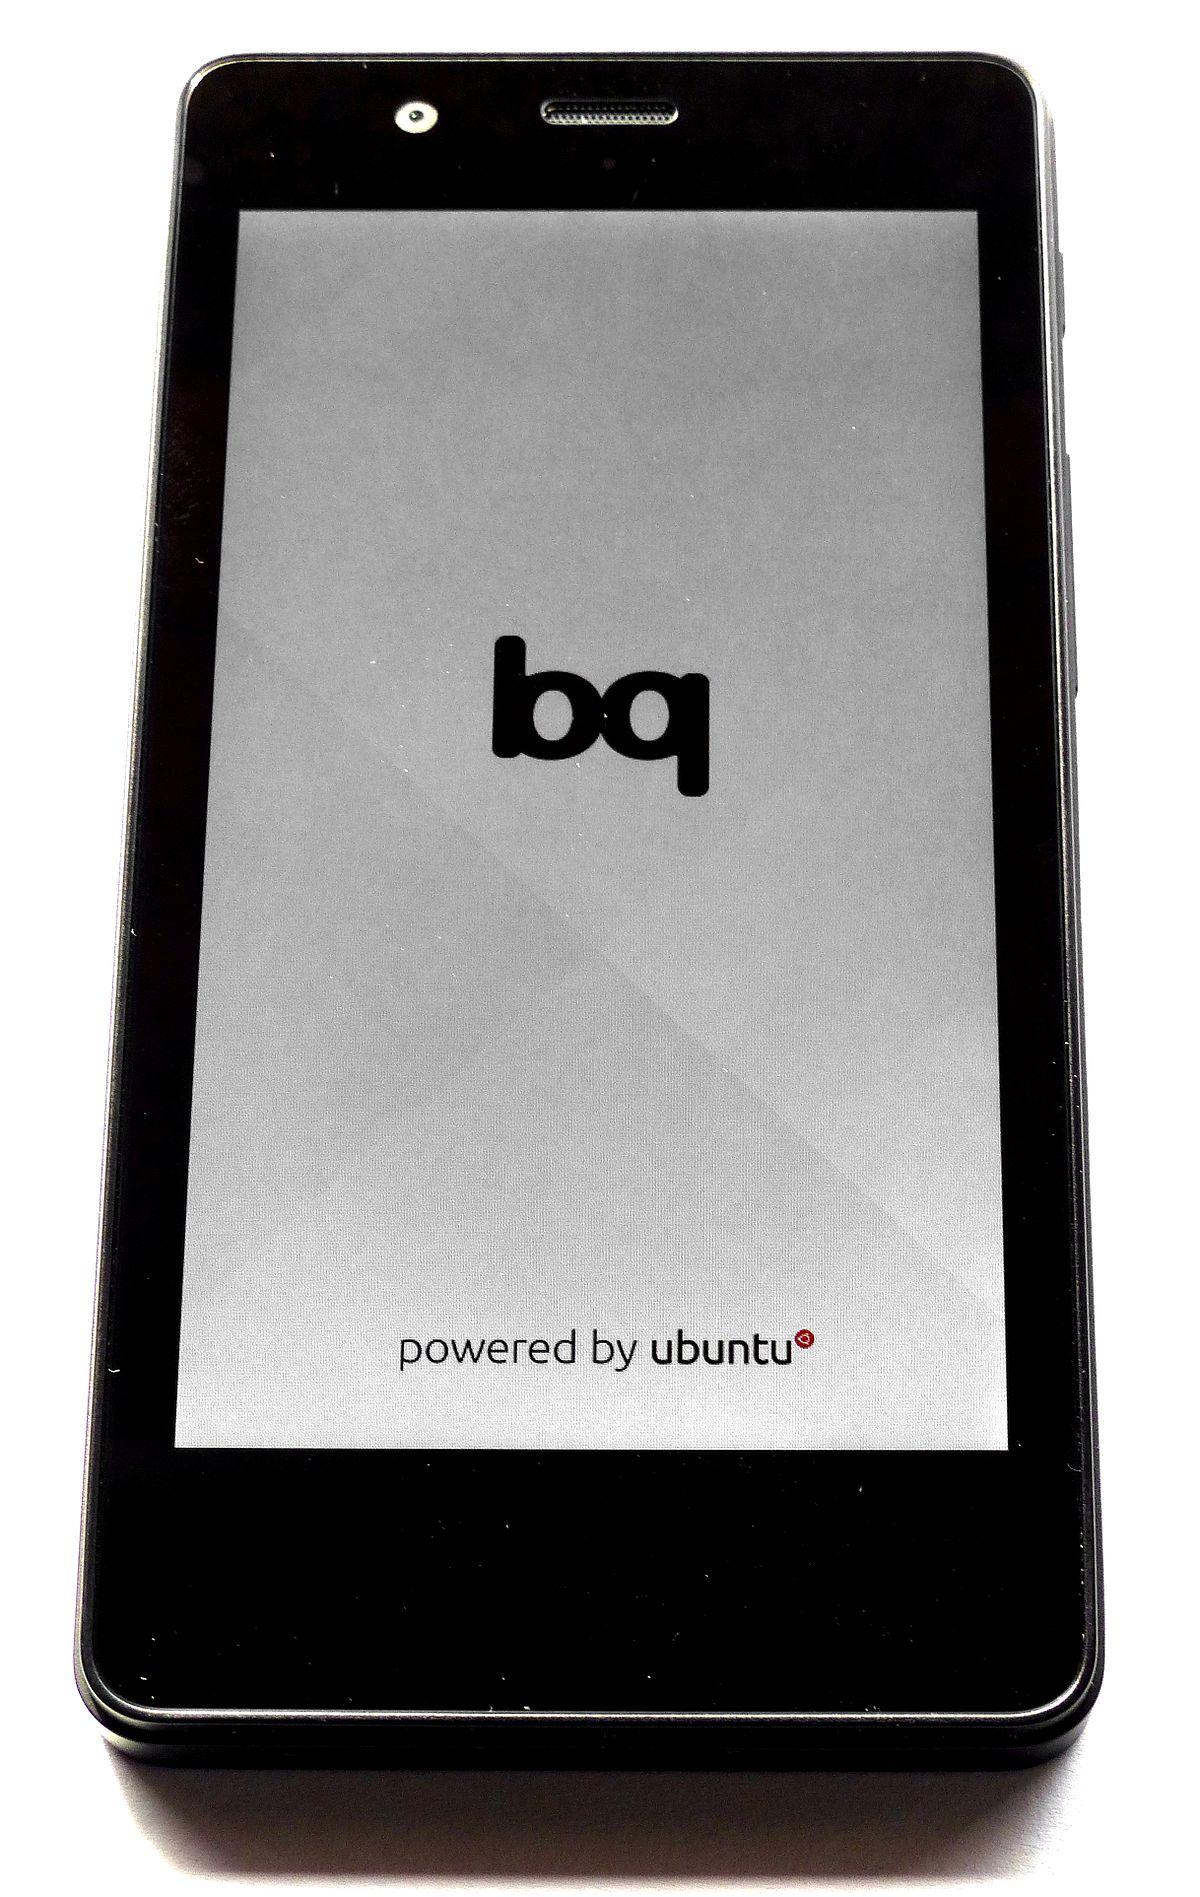 bq mobile wiki